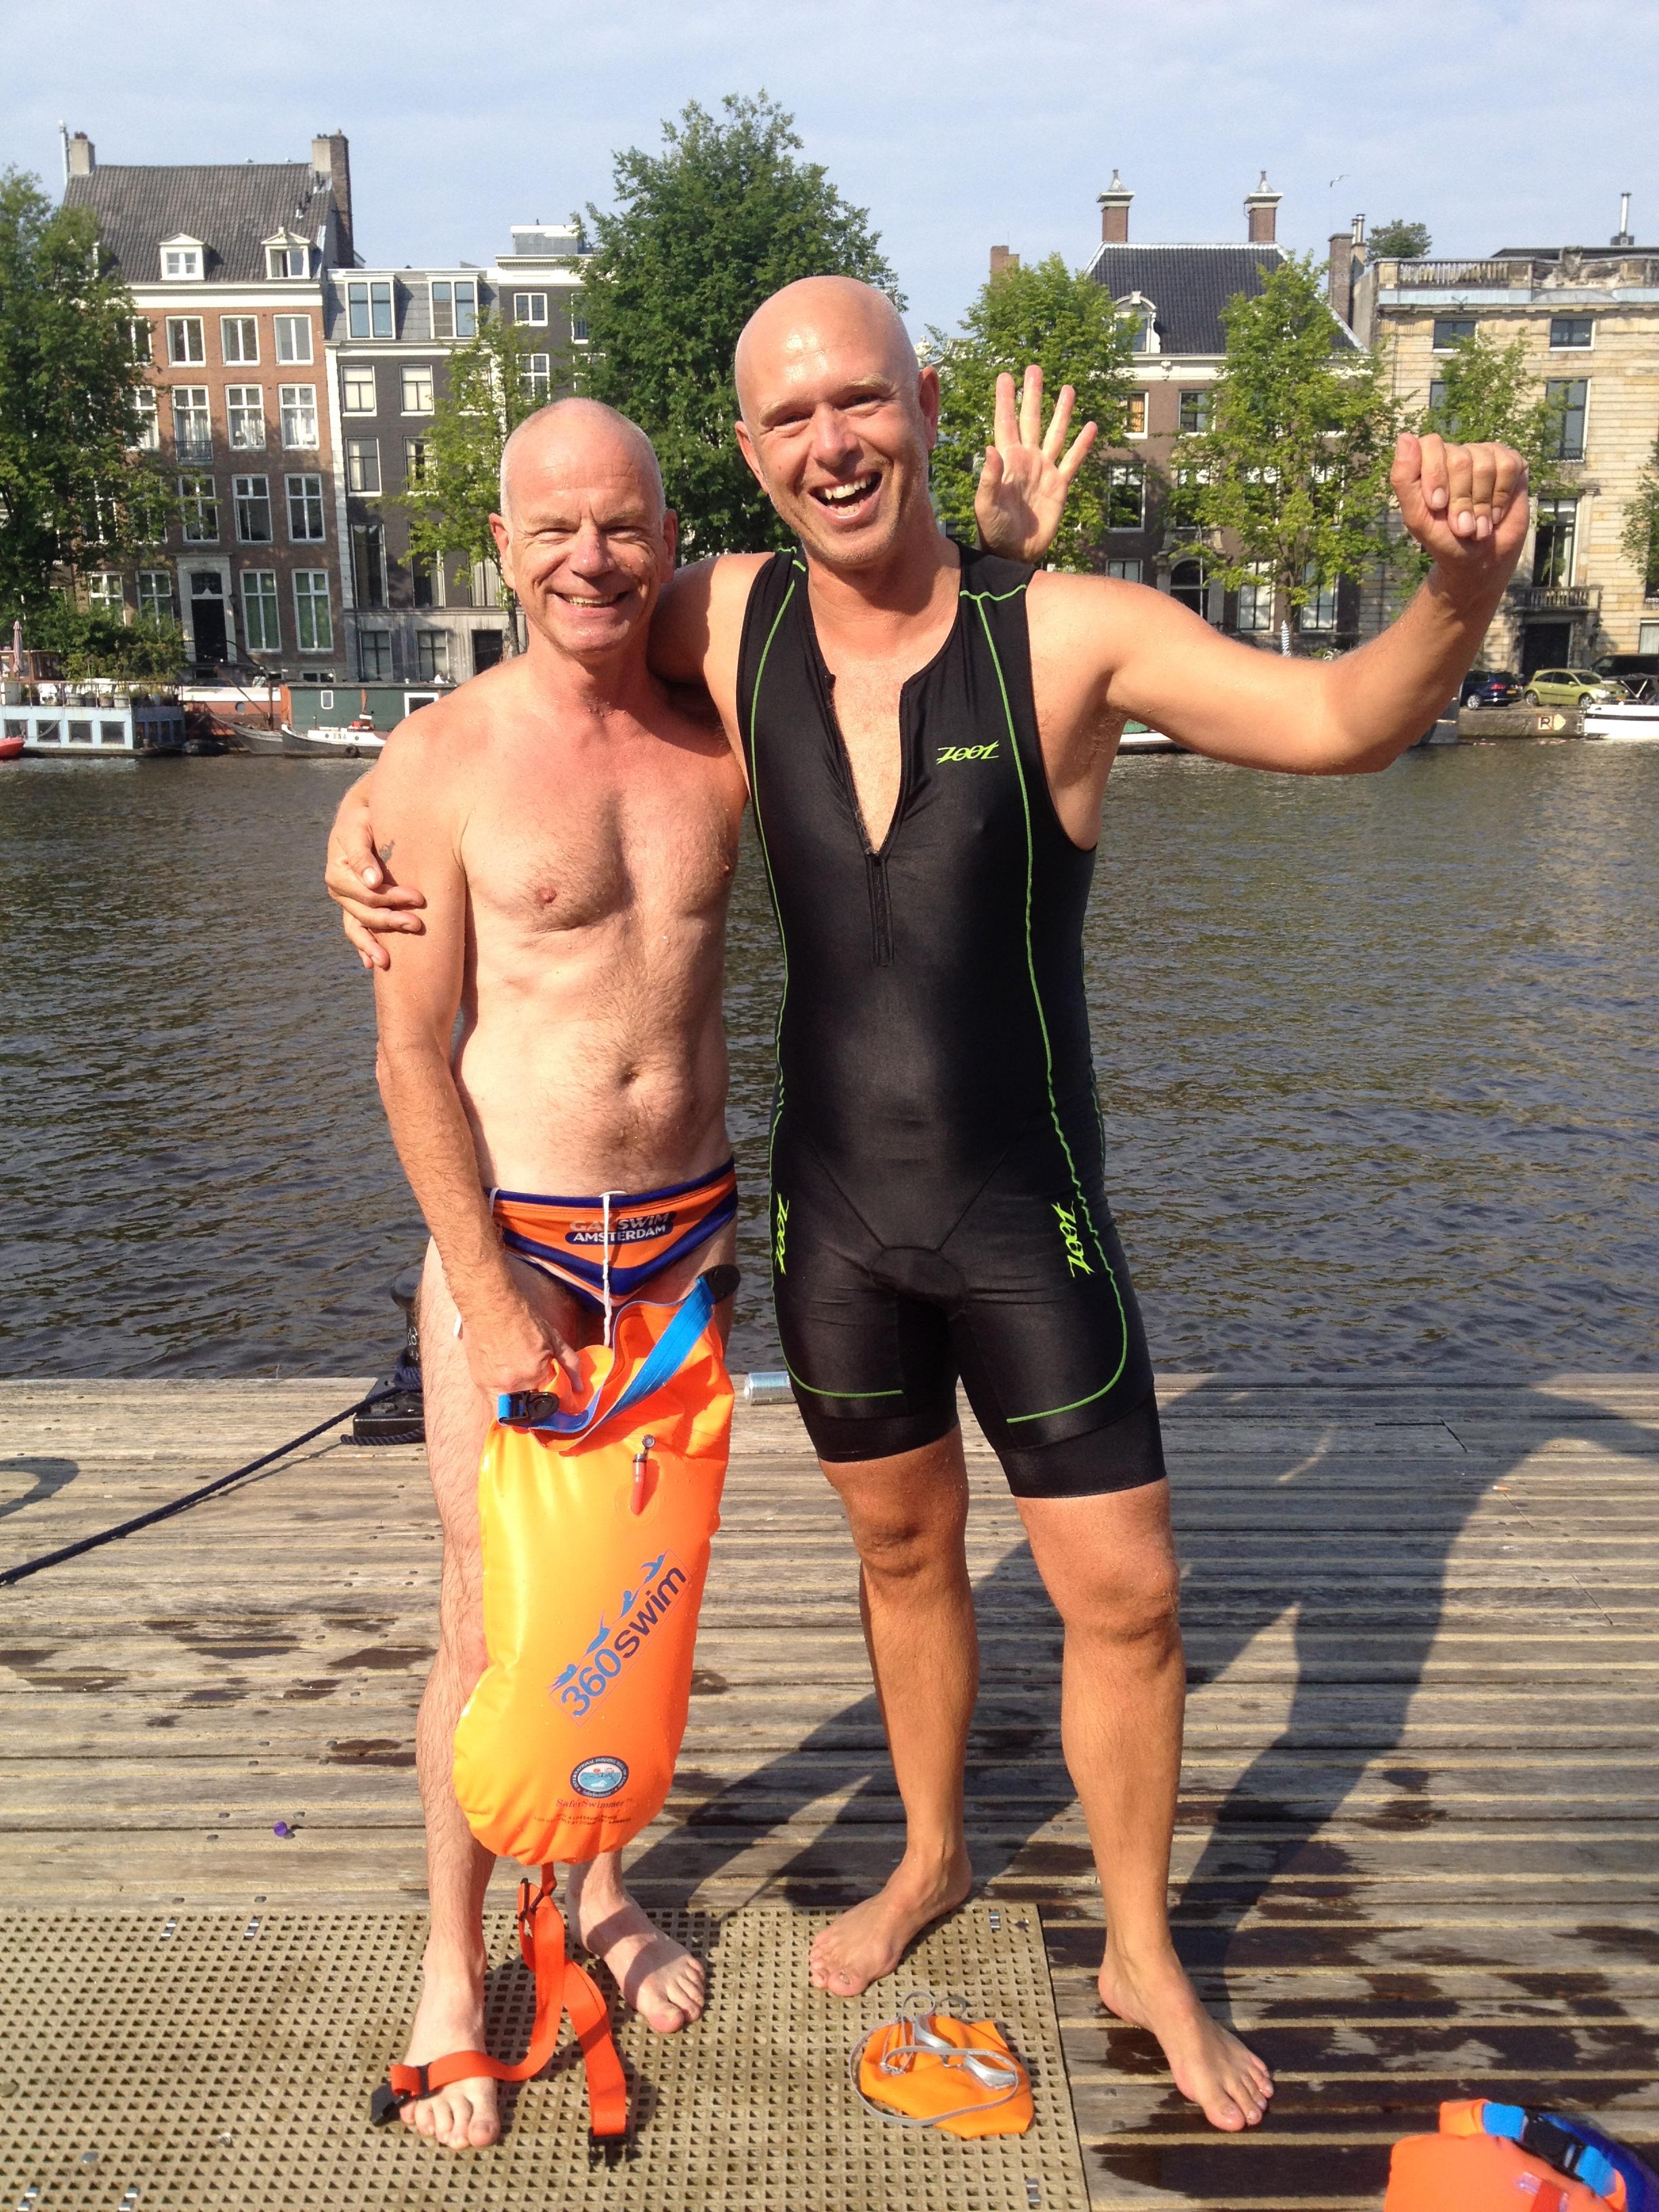 from Kingsley is louie van amstel gay